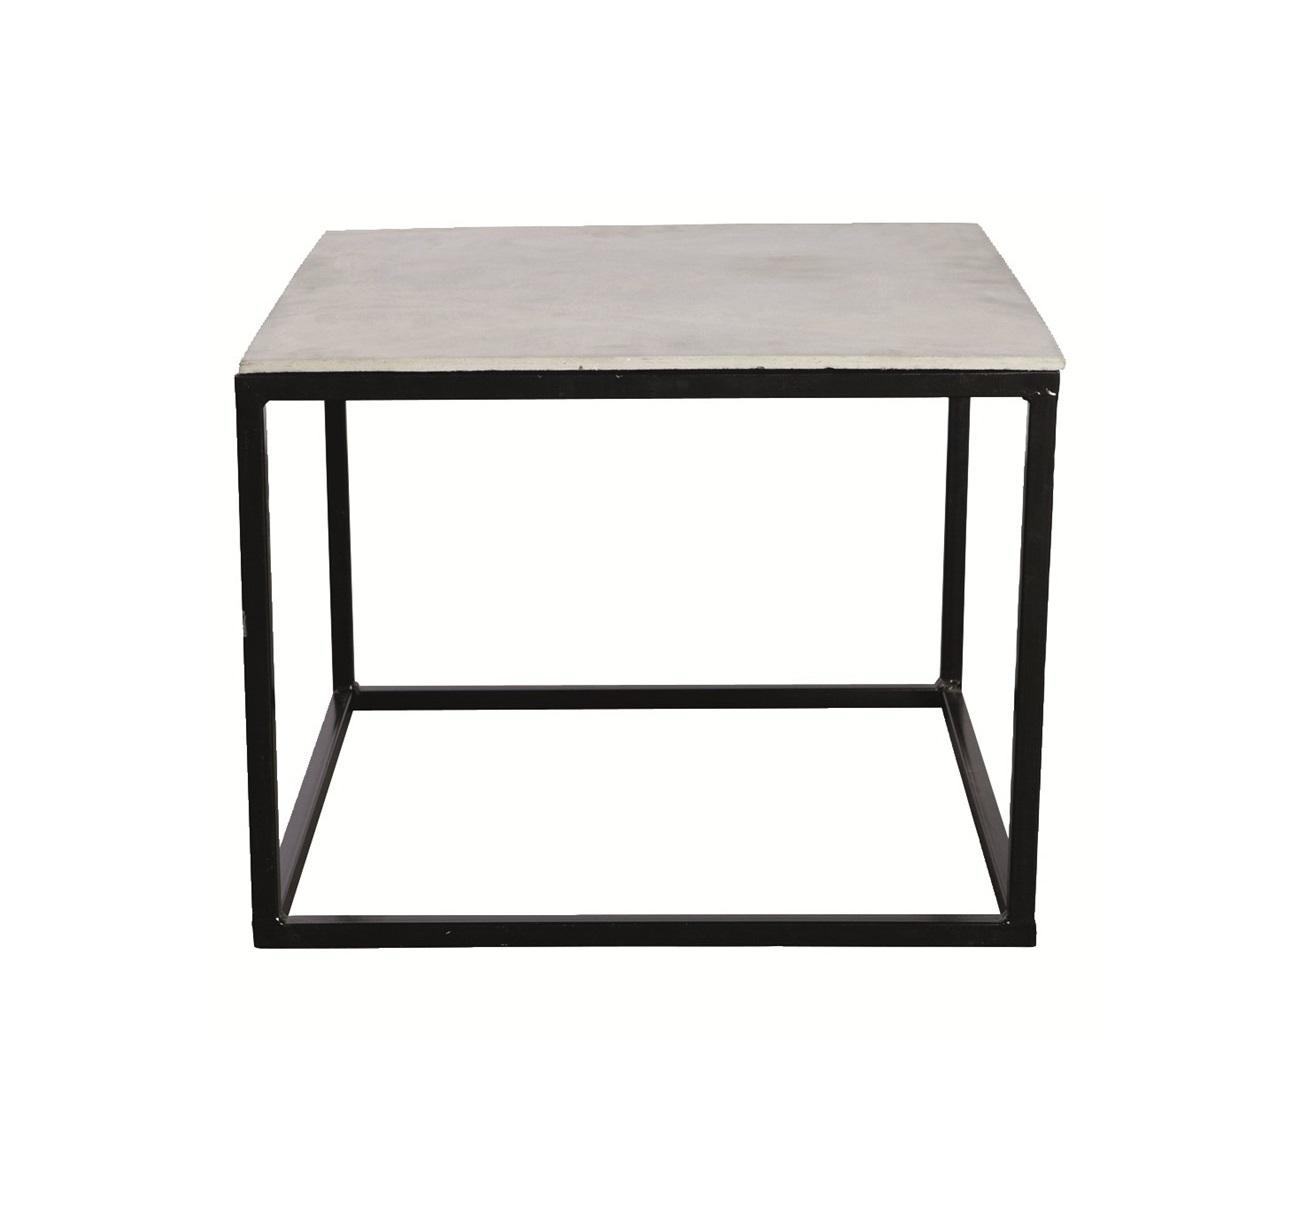 Shop house plans 60x60 joy studio design gallery best for Table 60x60 design